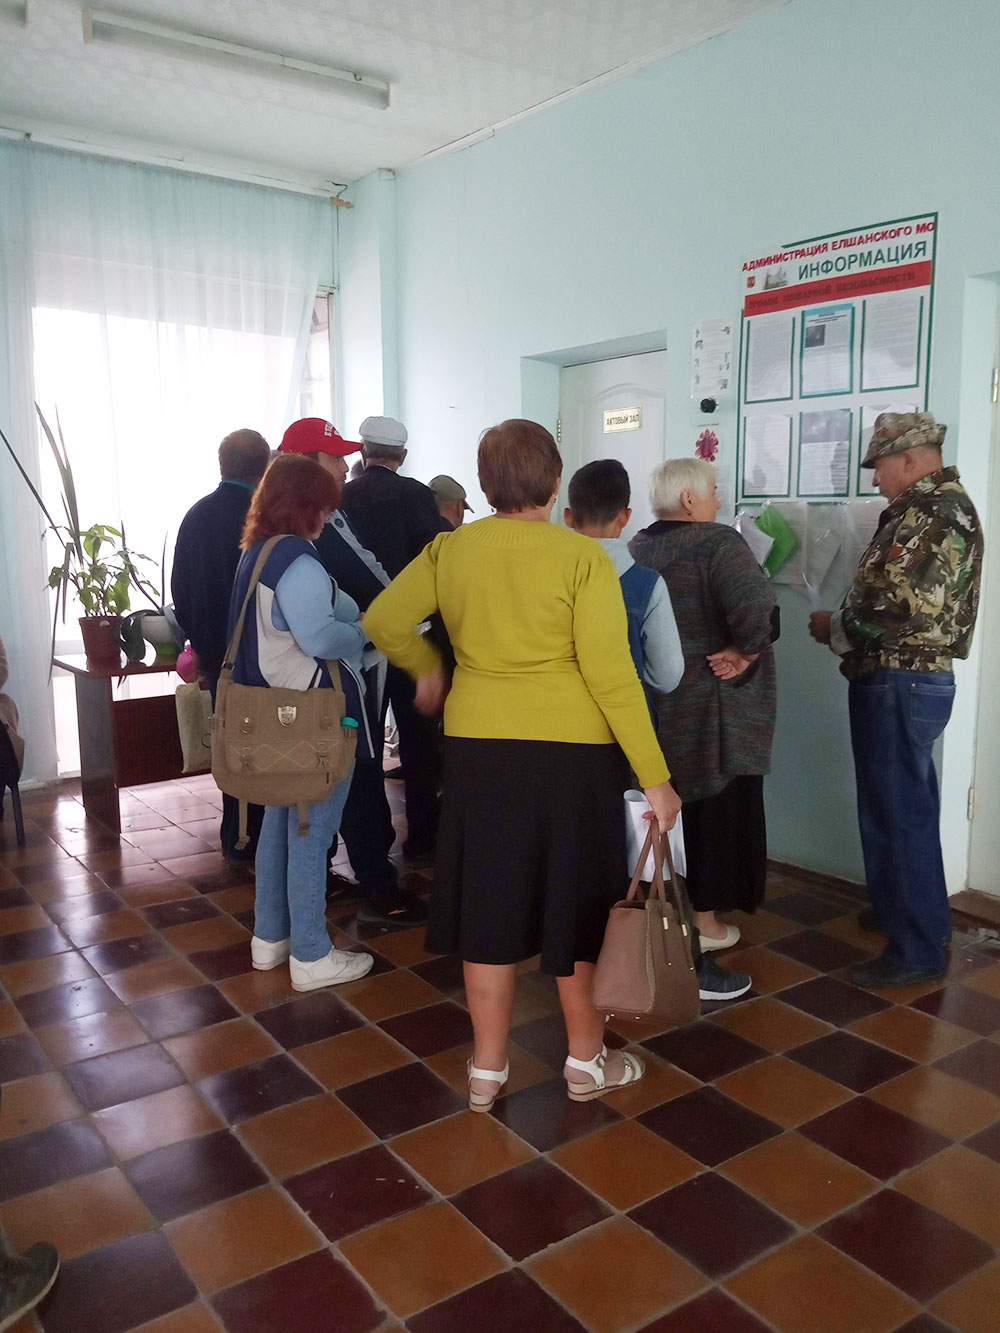 Столько людей стоит в очереди на выездное обслуживание МФЦ в селе Елшанка Саратовской области. Очереди две: сдать документы и получить